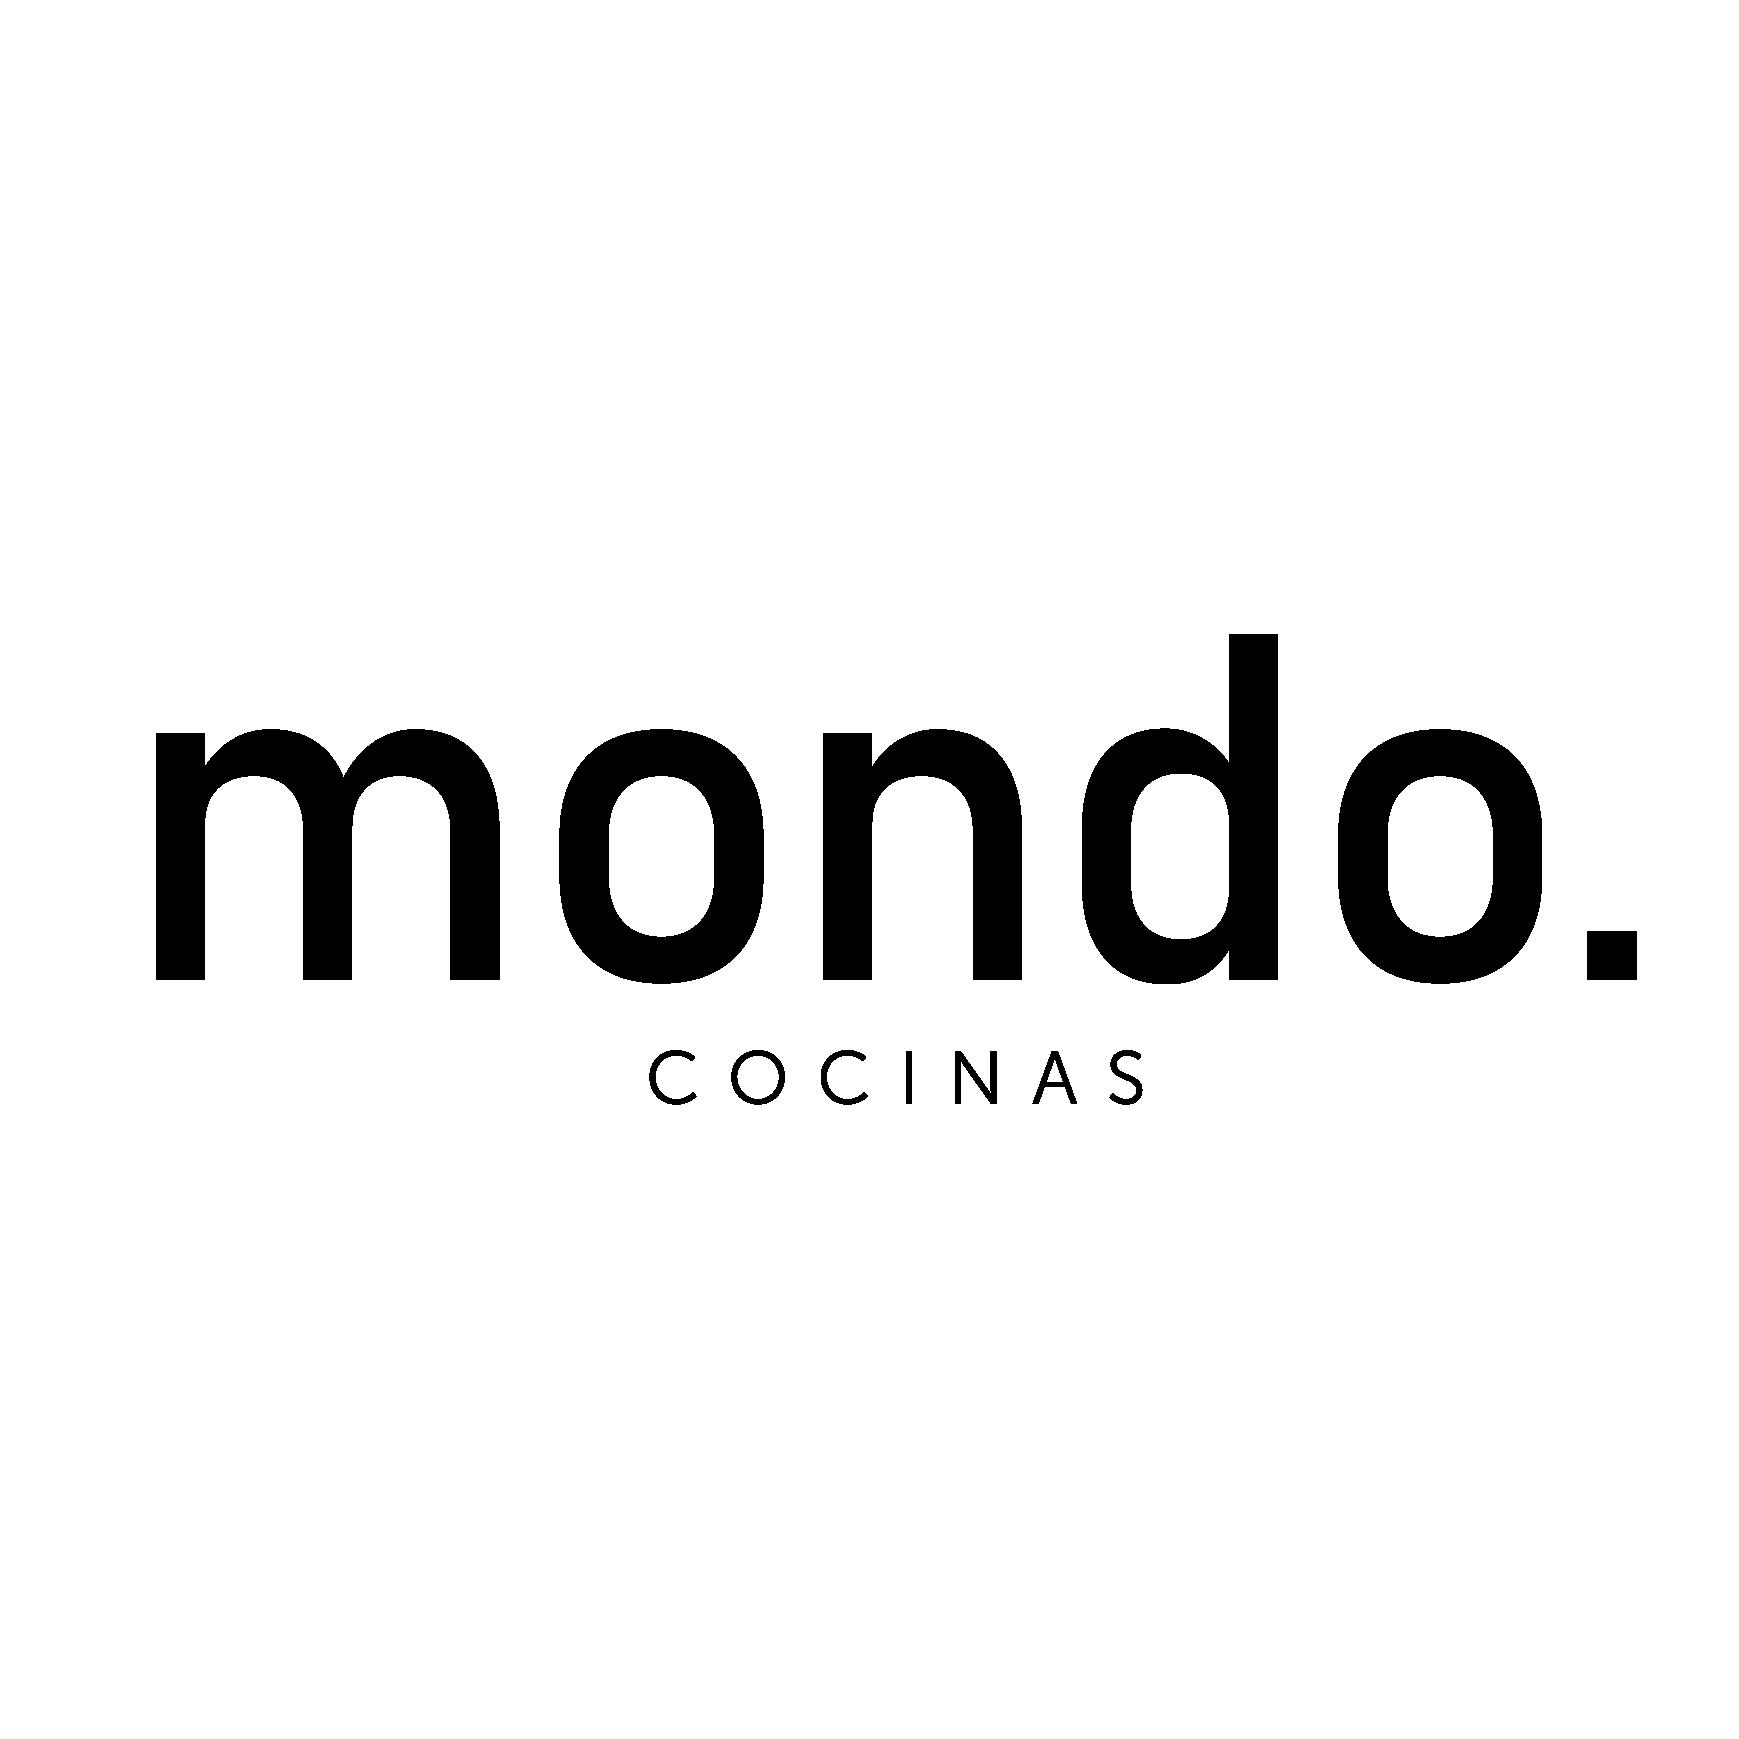 MONDO COCINAS